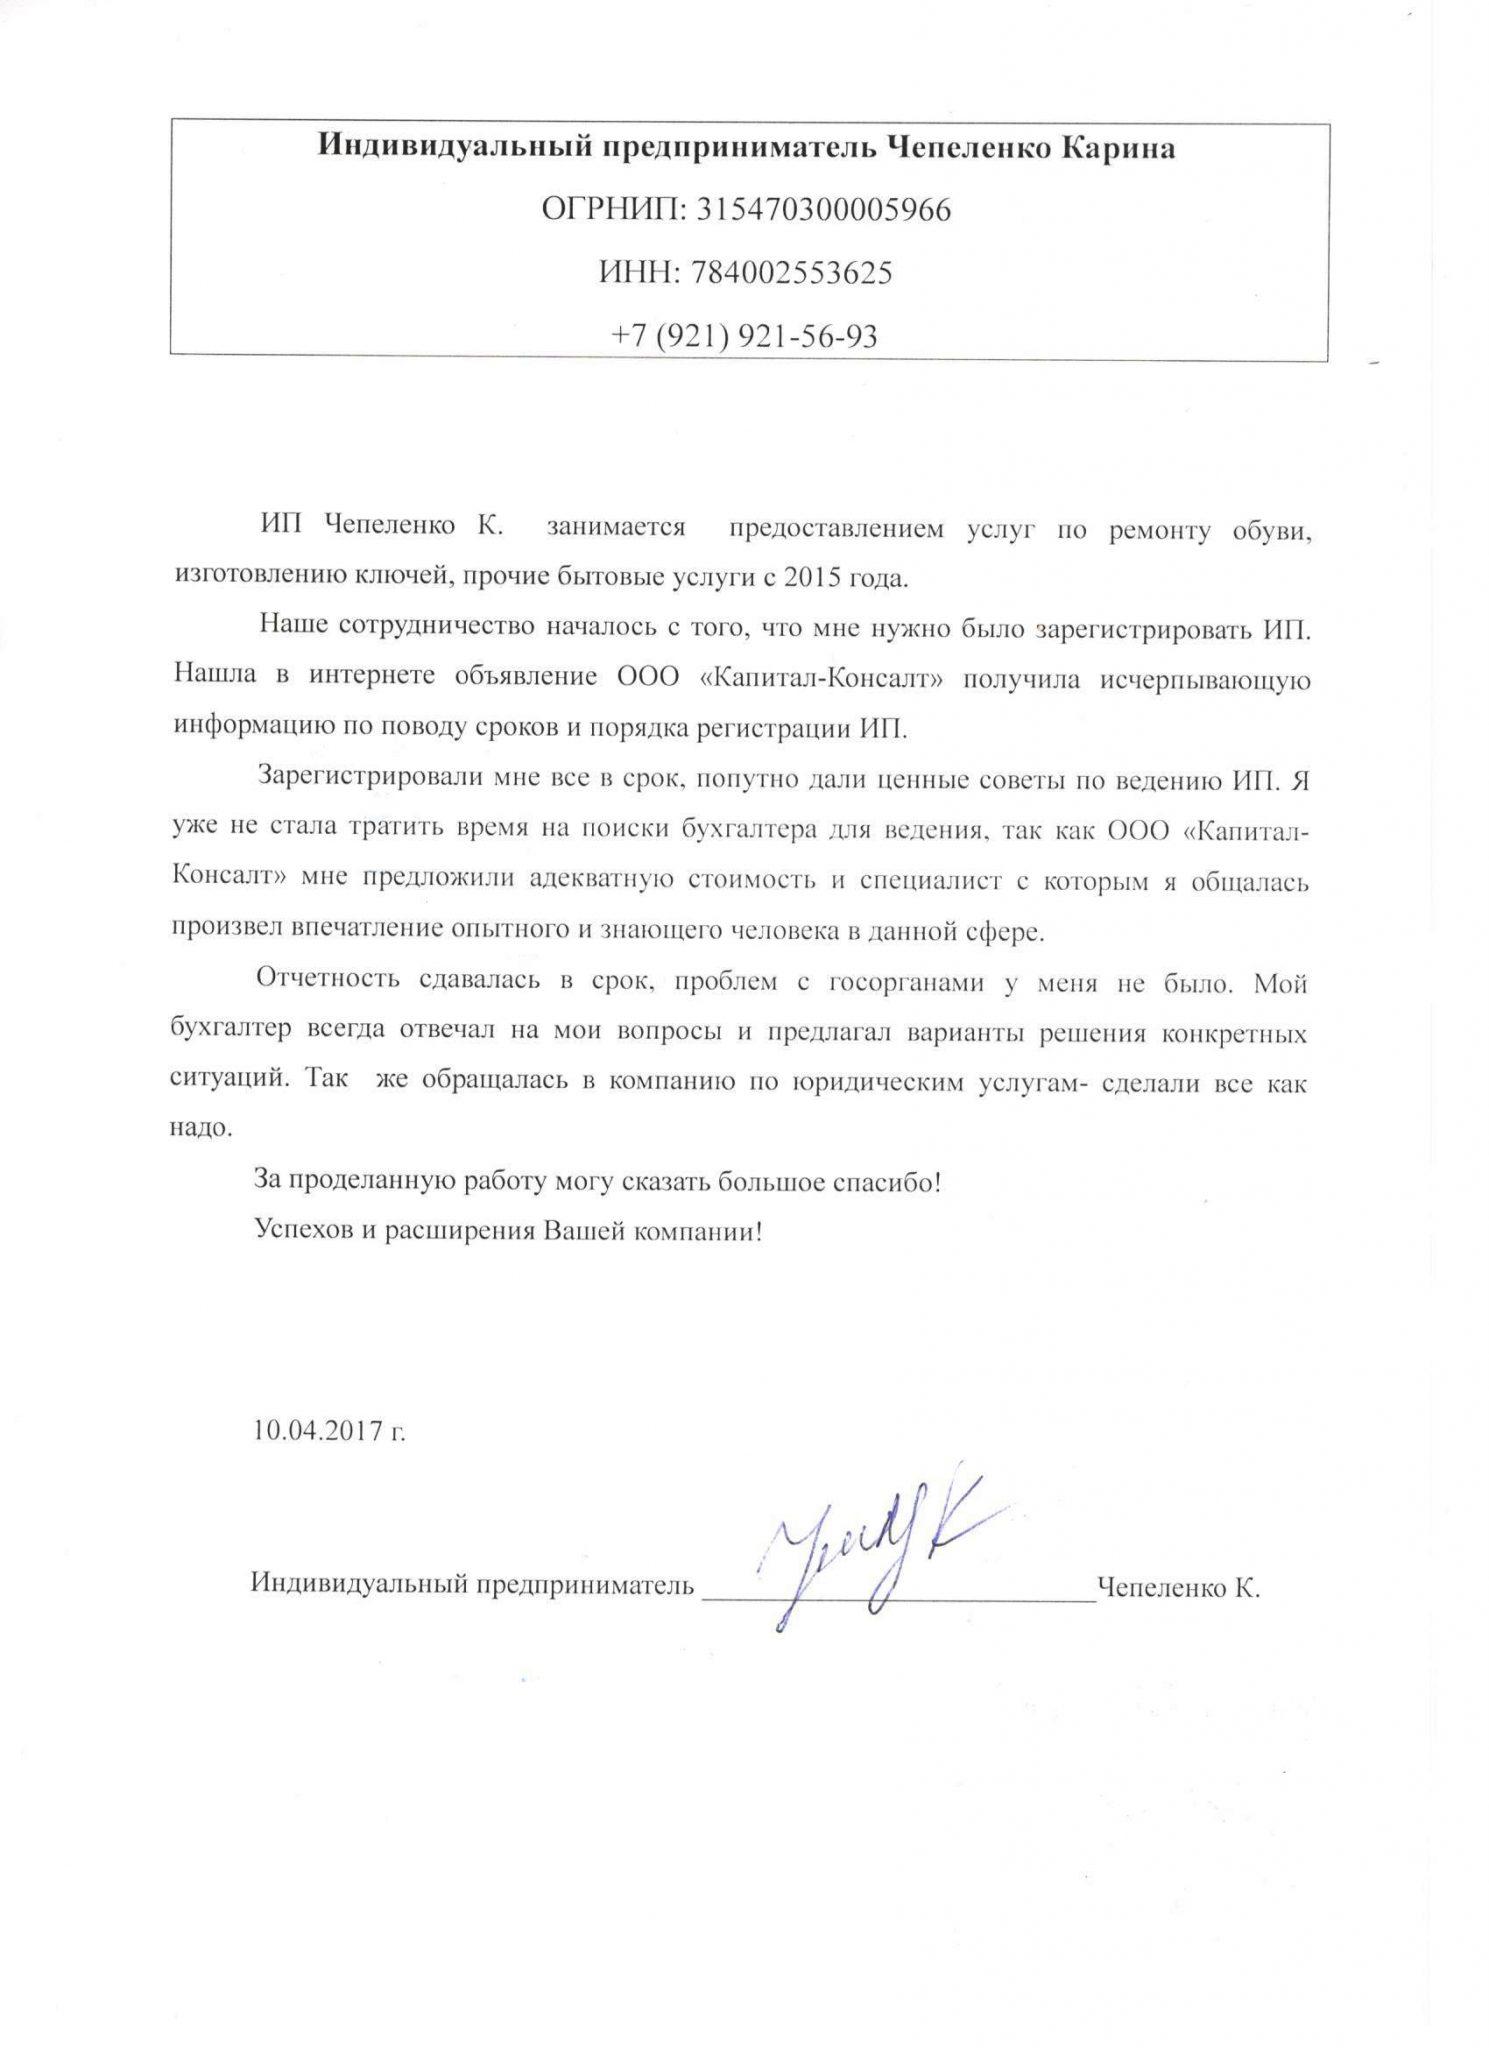 ИП-Чепеленко